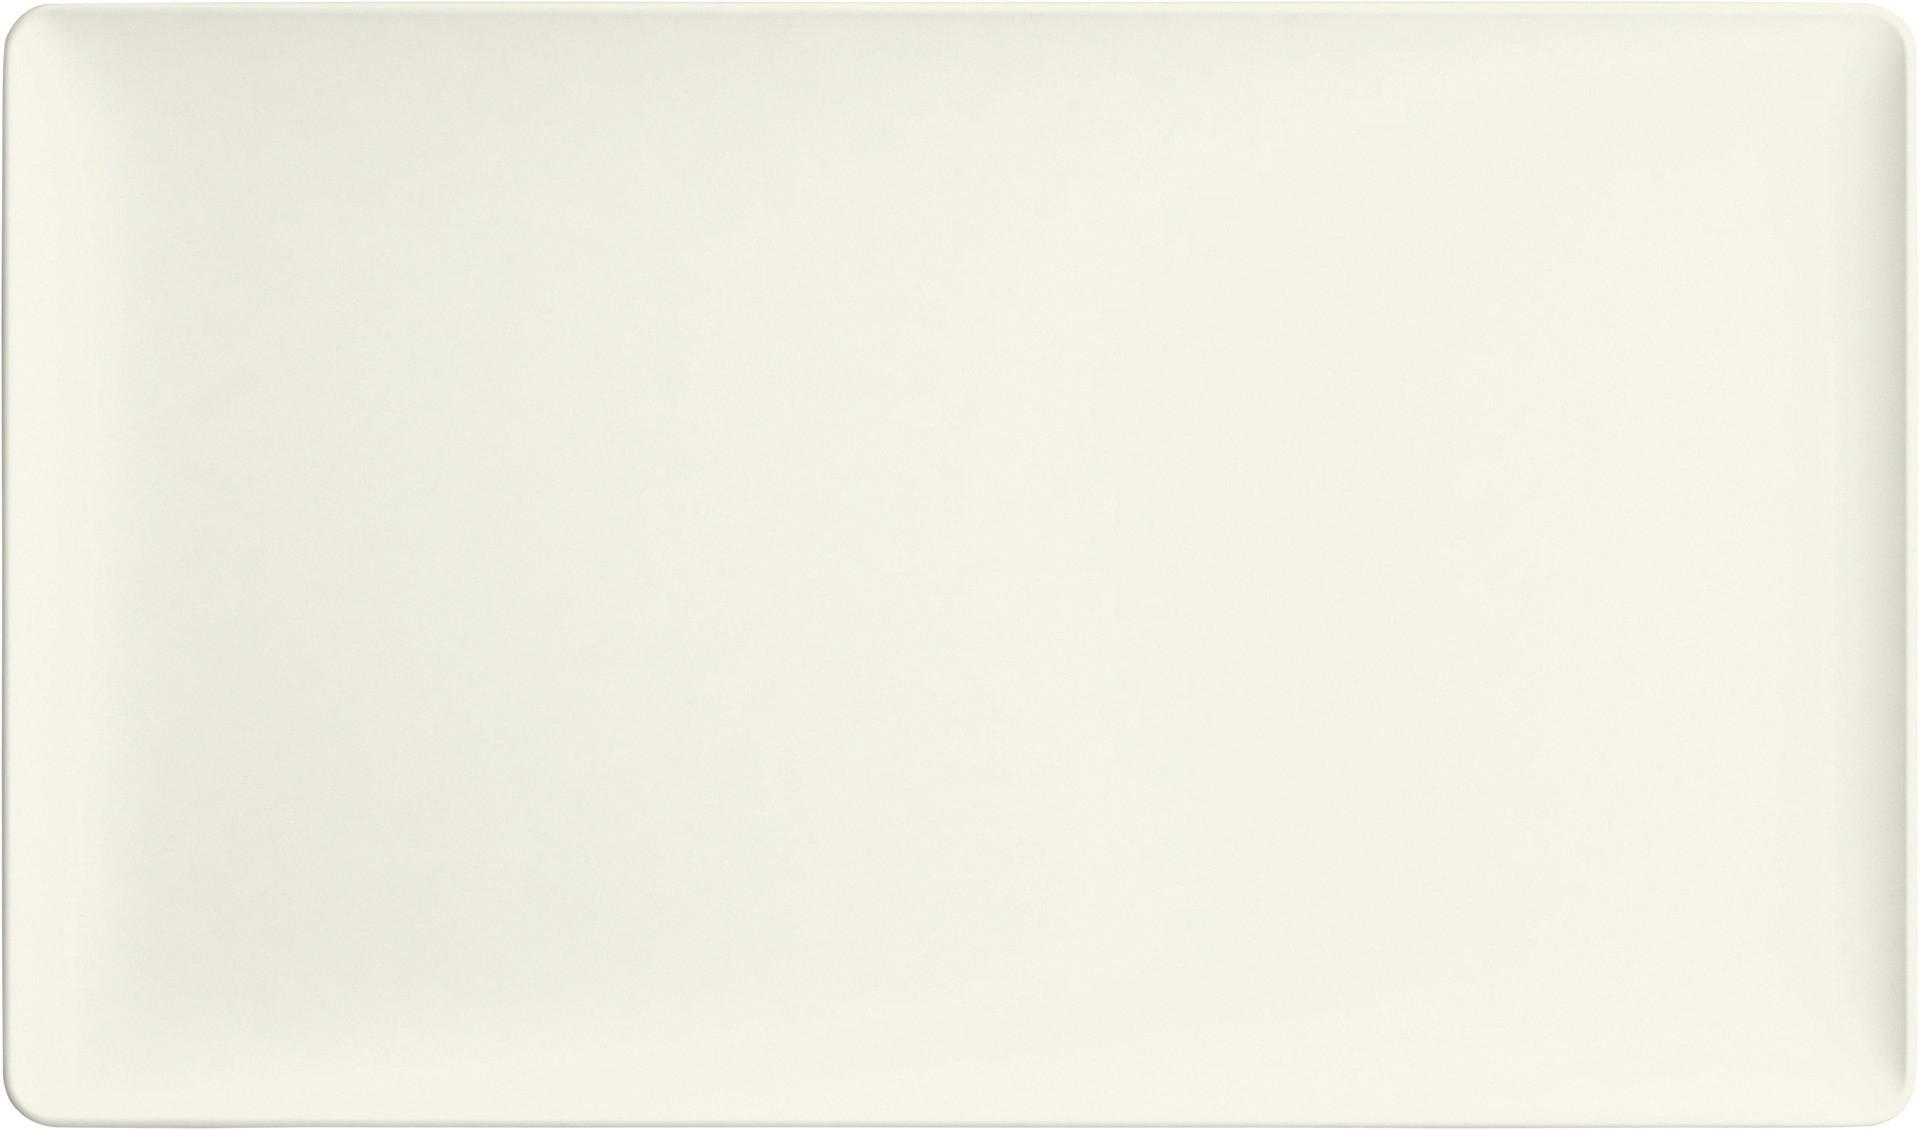 Purity, Coupplatte rechteckig 420 x 200 mm